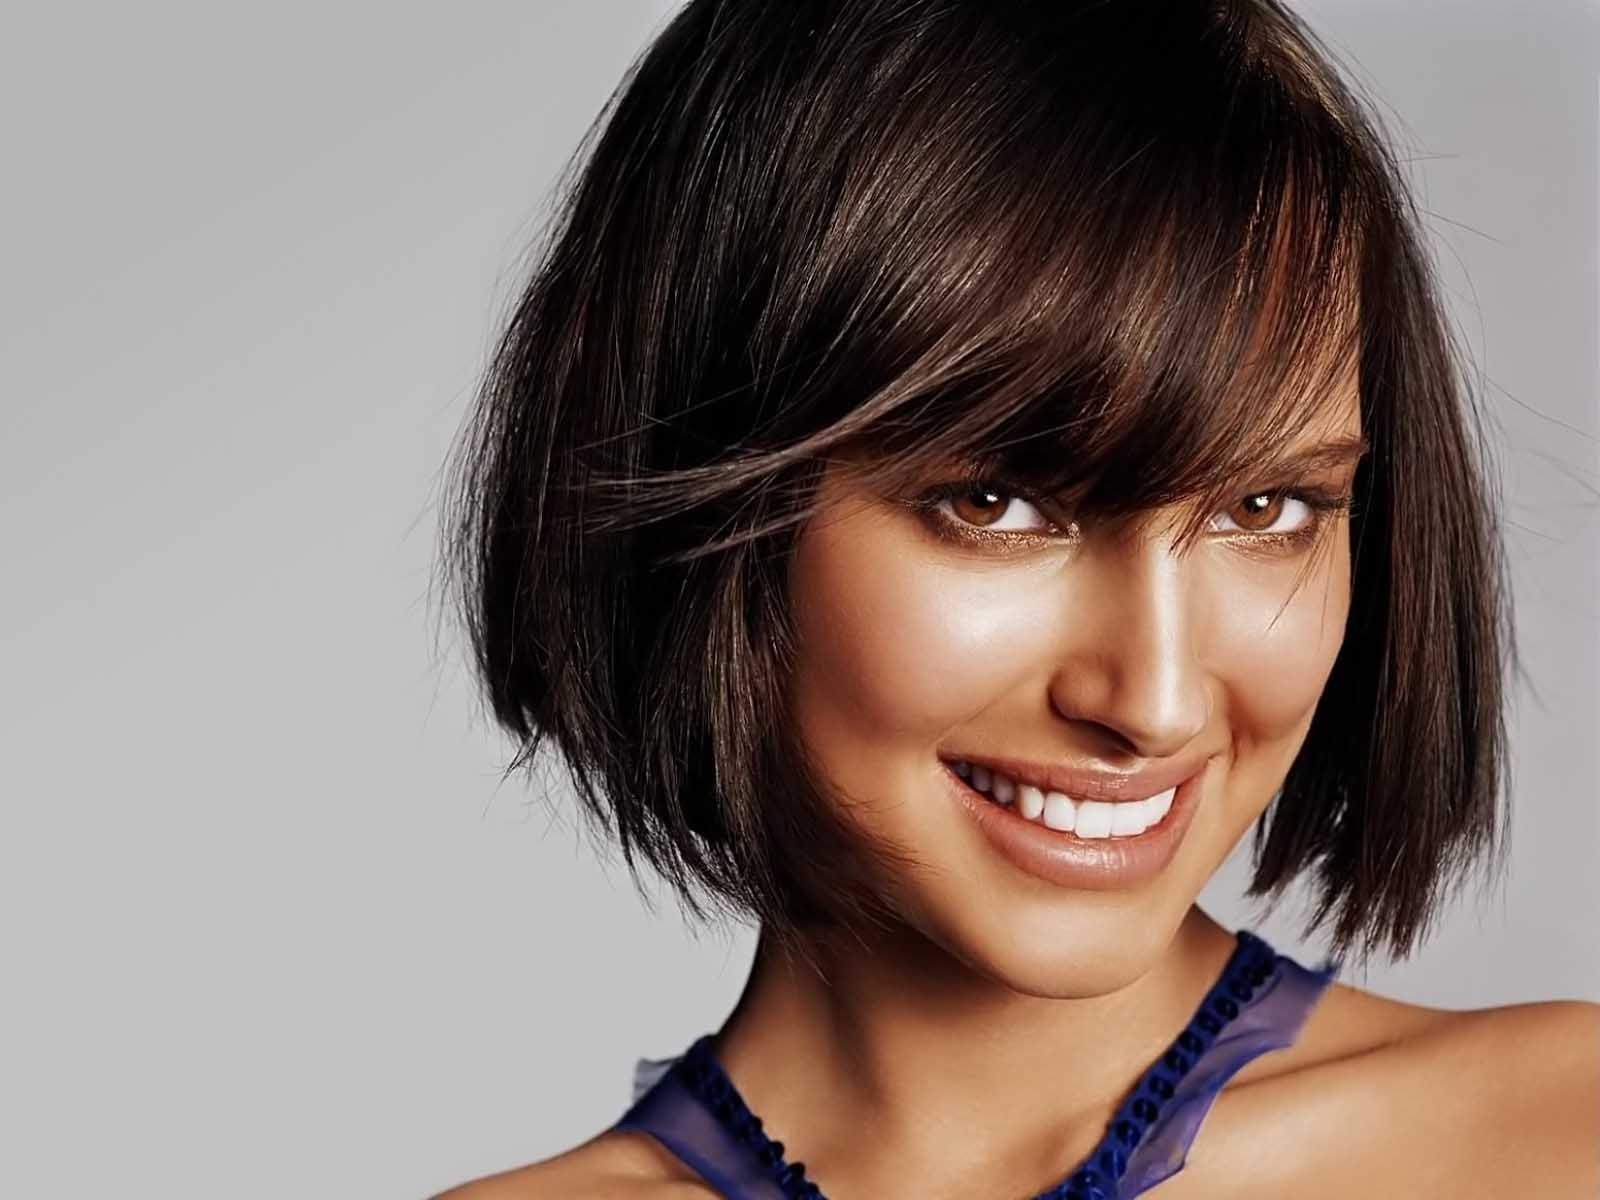 Natalie portman cute hair cut